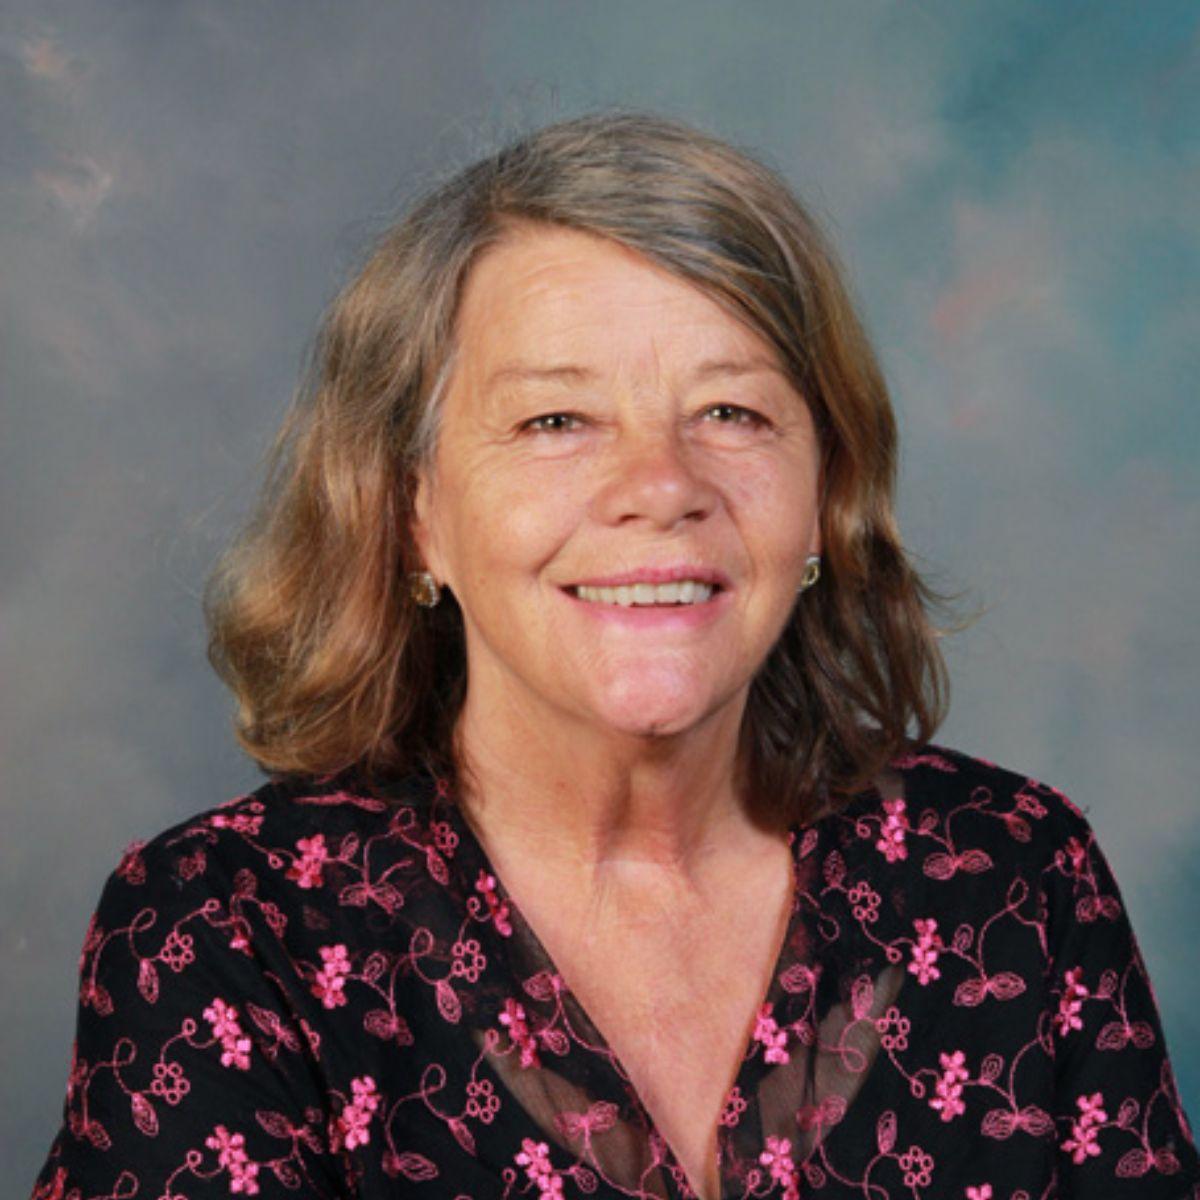 Ms A. Dunbar